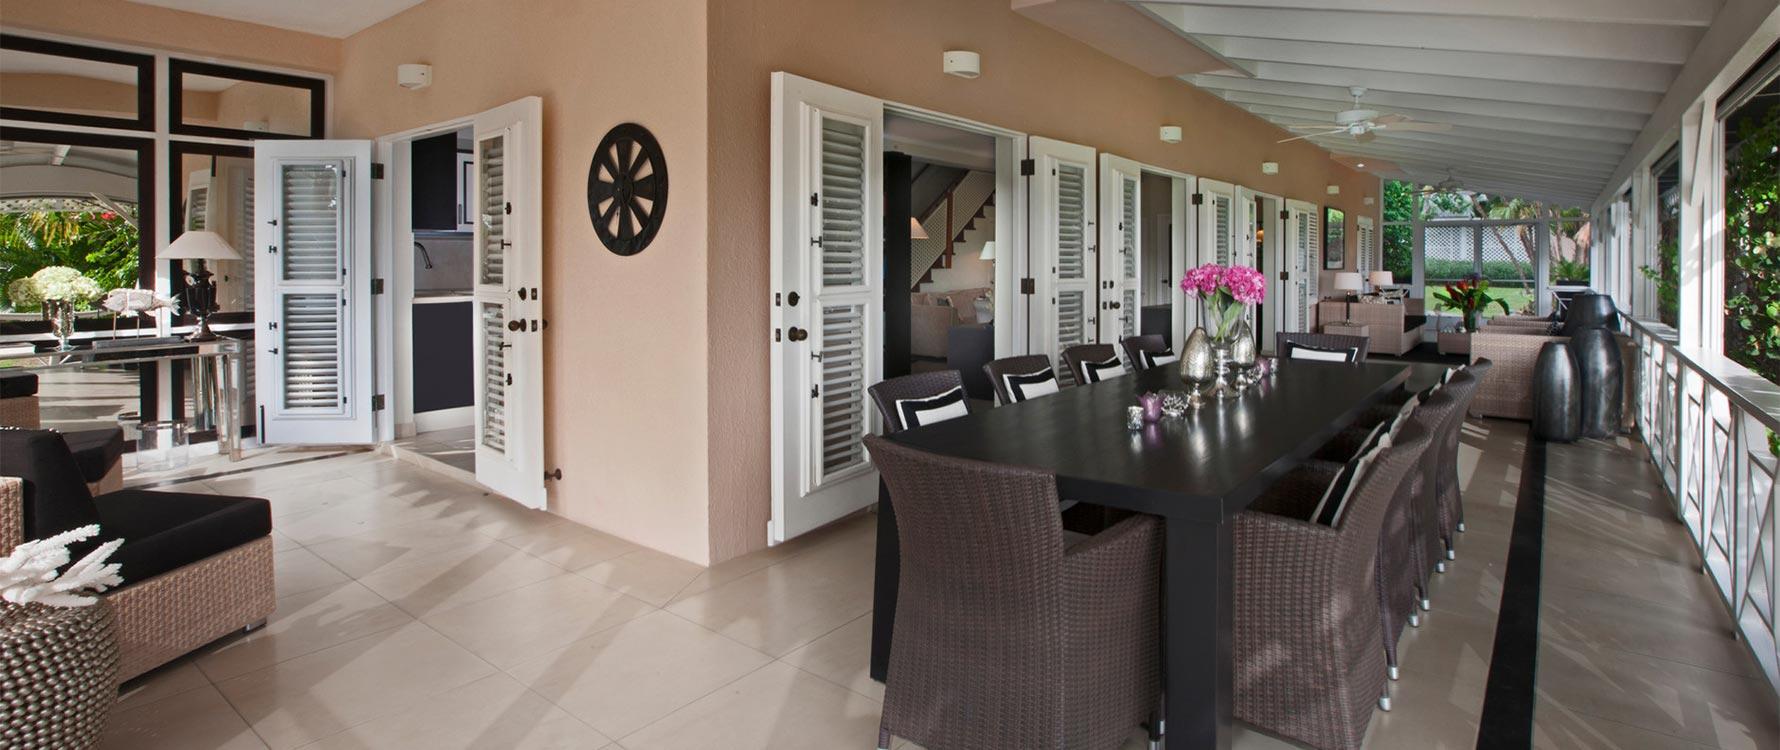 Veranda dining / living